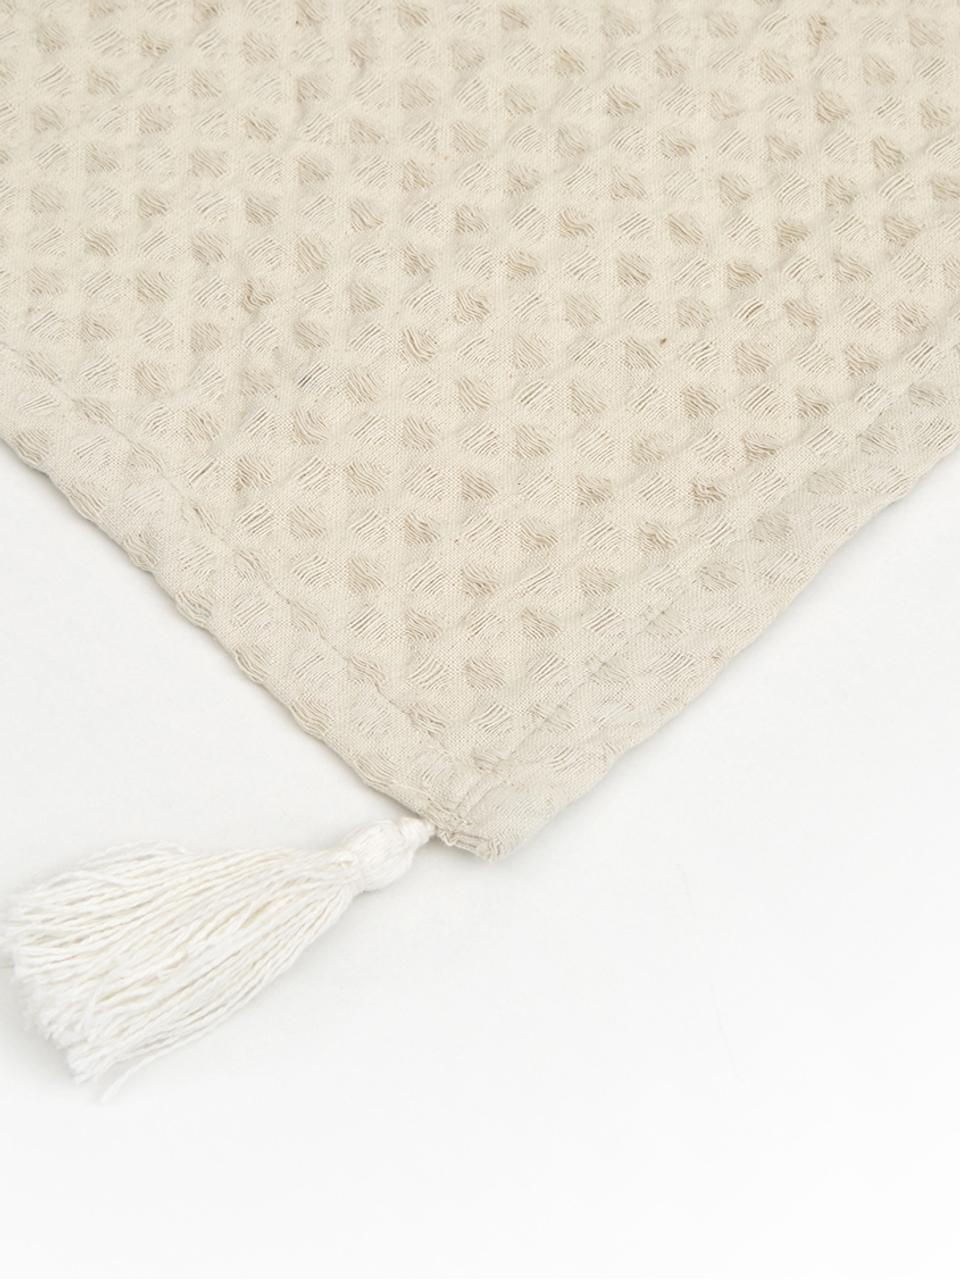 Waffelpiqué-Plaid Gopher in Offwhite mit Quasten, 100% Baumwolle, Gebrochenes Weiß, 125 x 150 cm